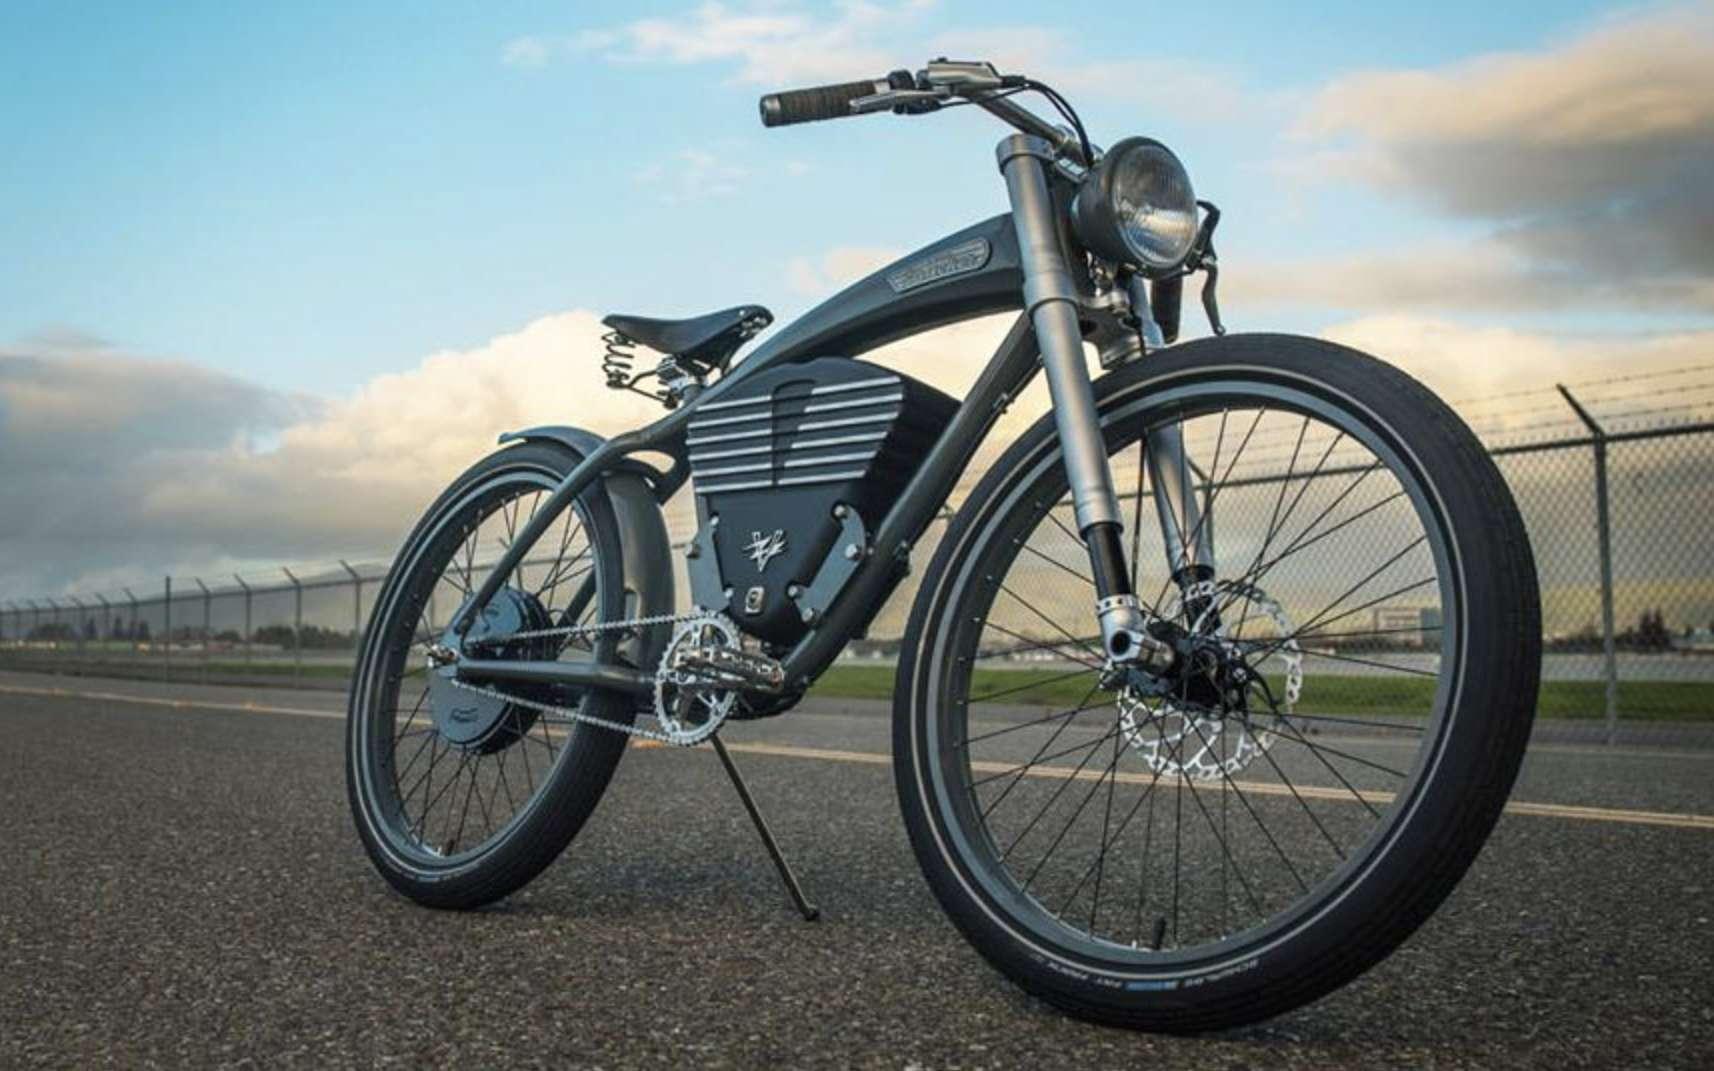 Comment entretenir son vélo électrique ? © DudeIWantThat